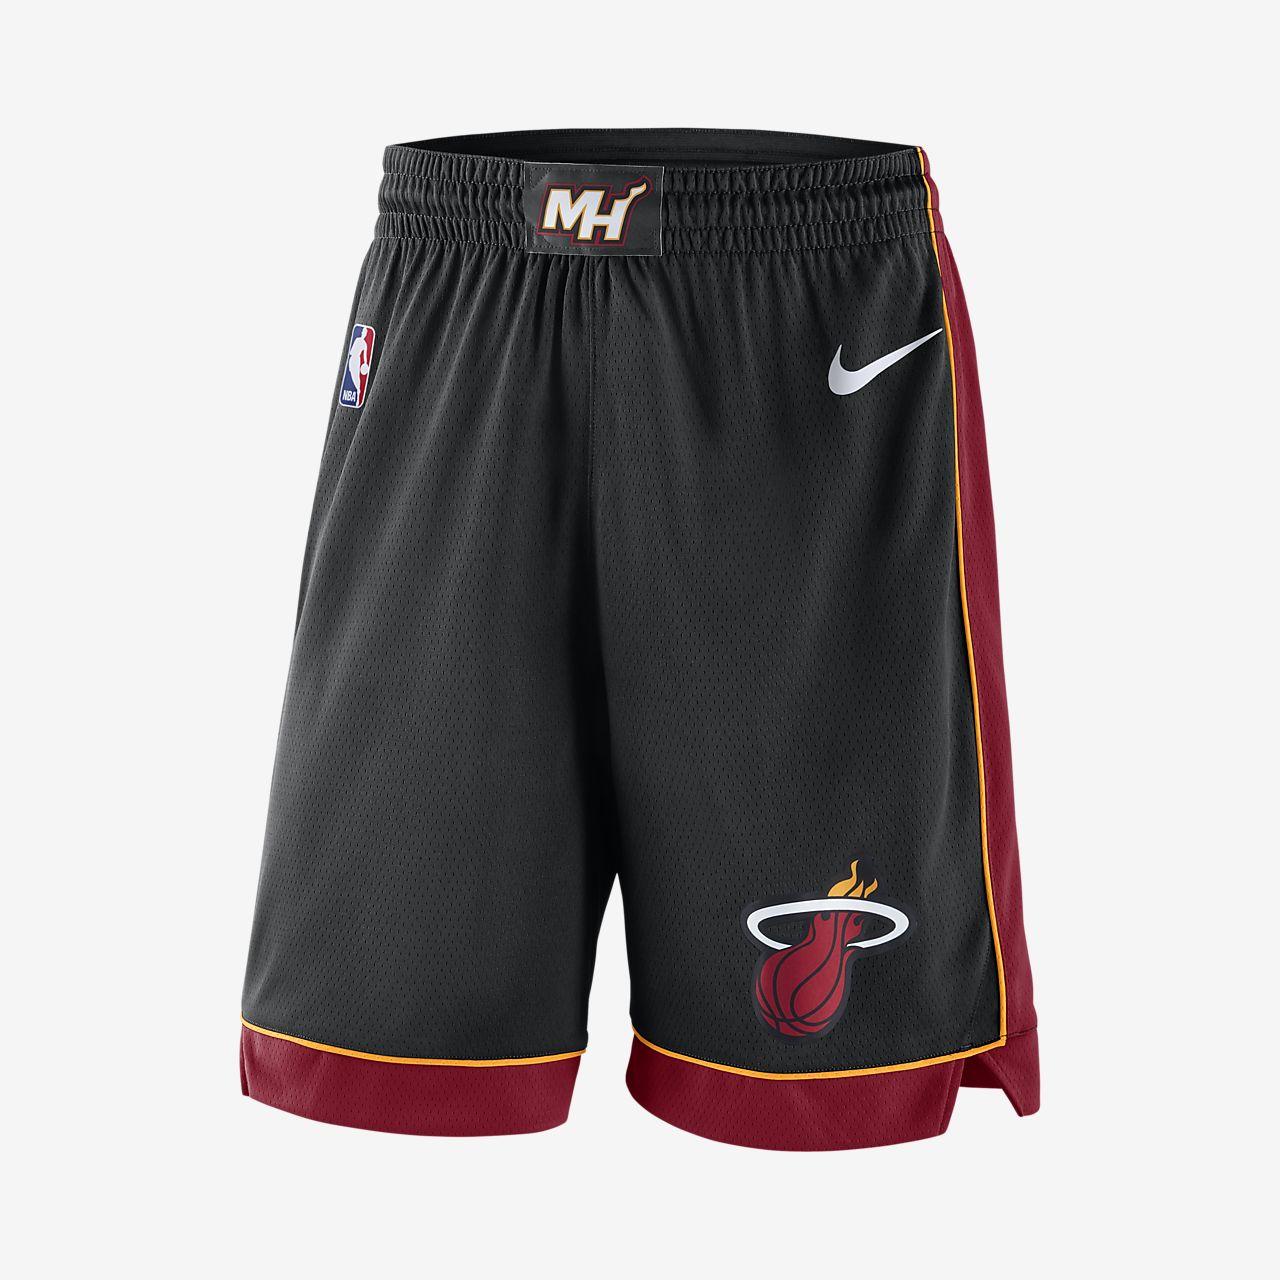 nike freedom shorts sale